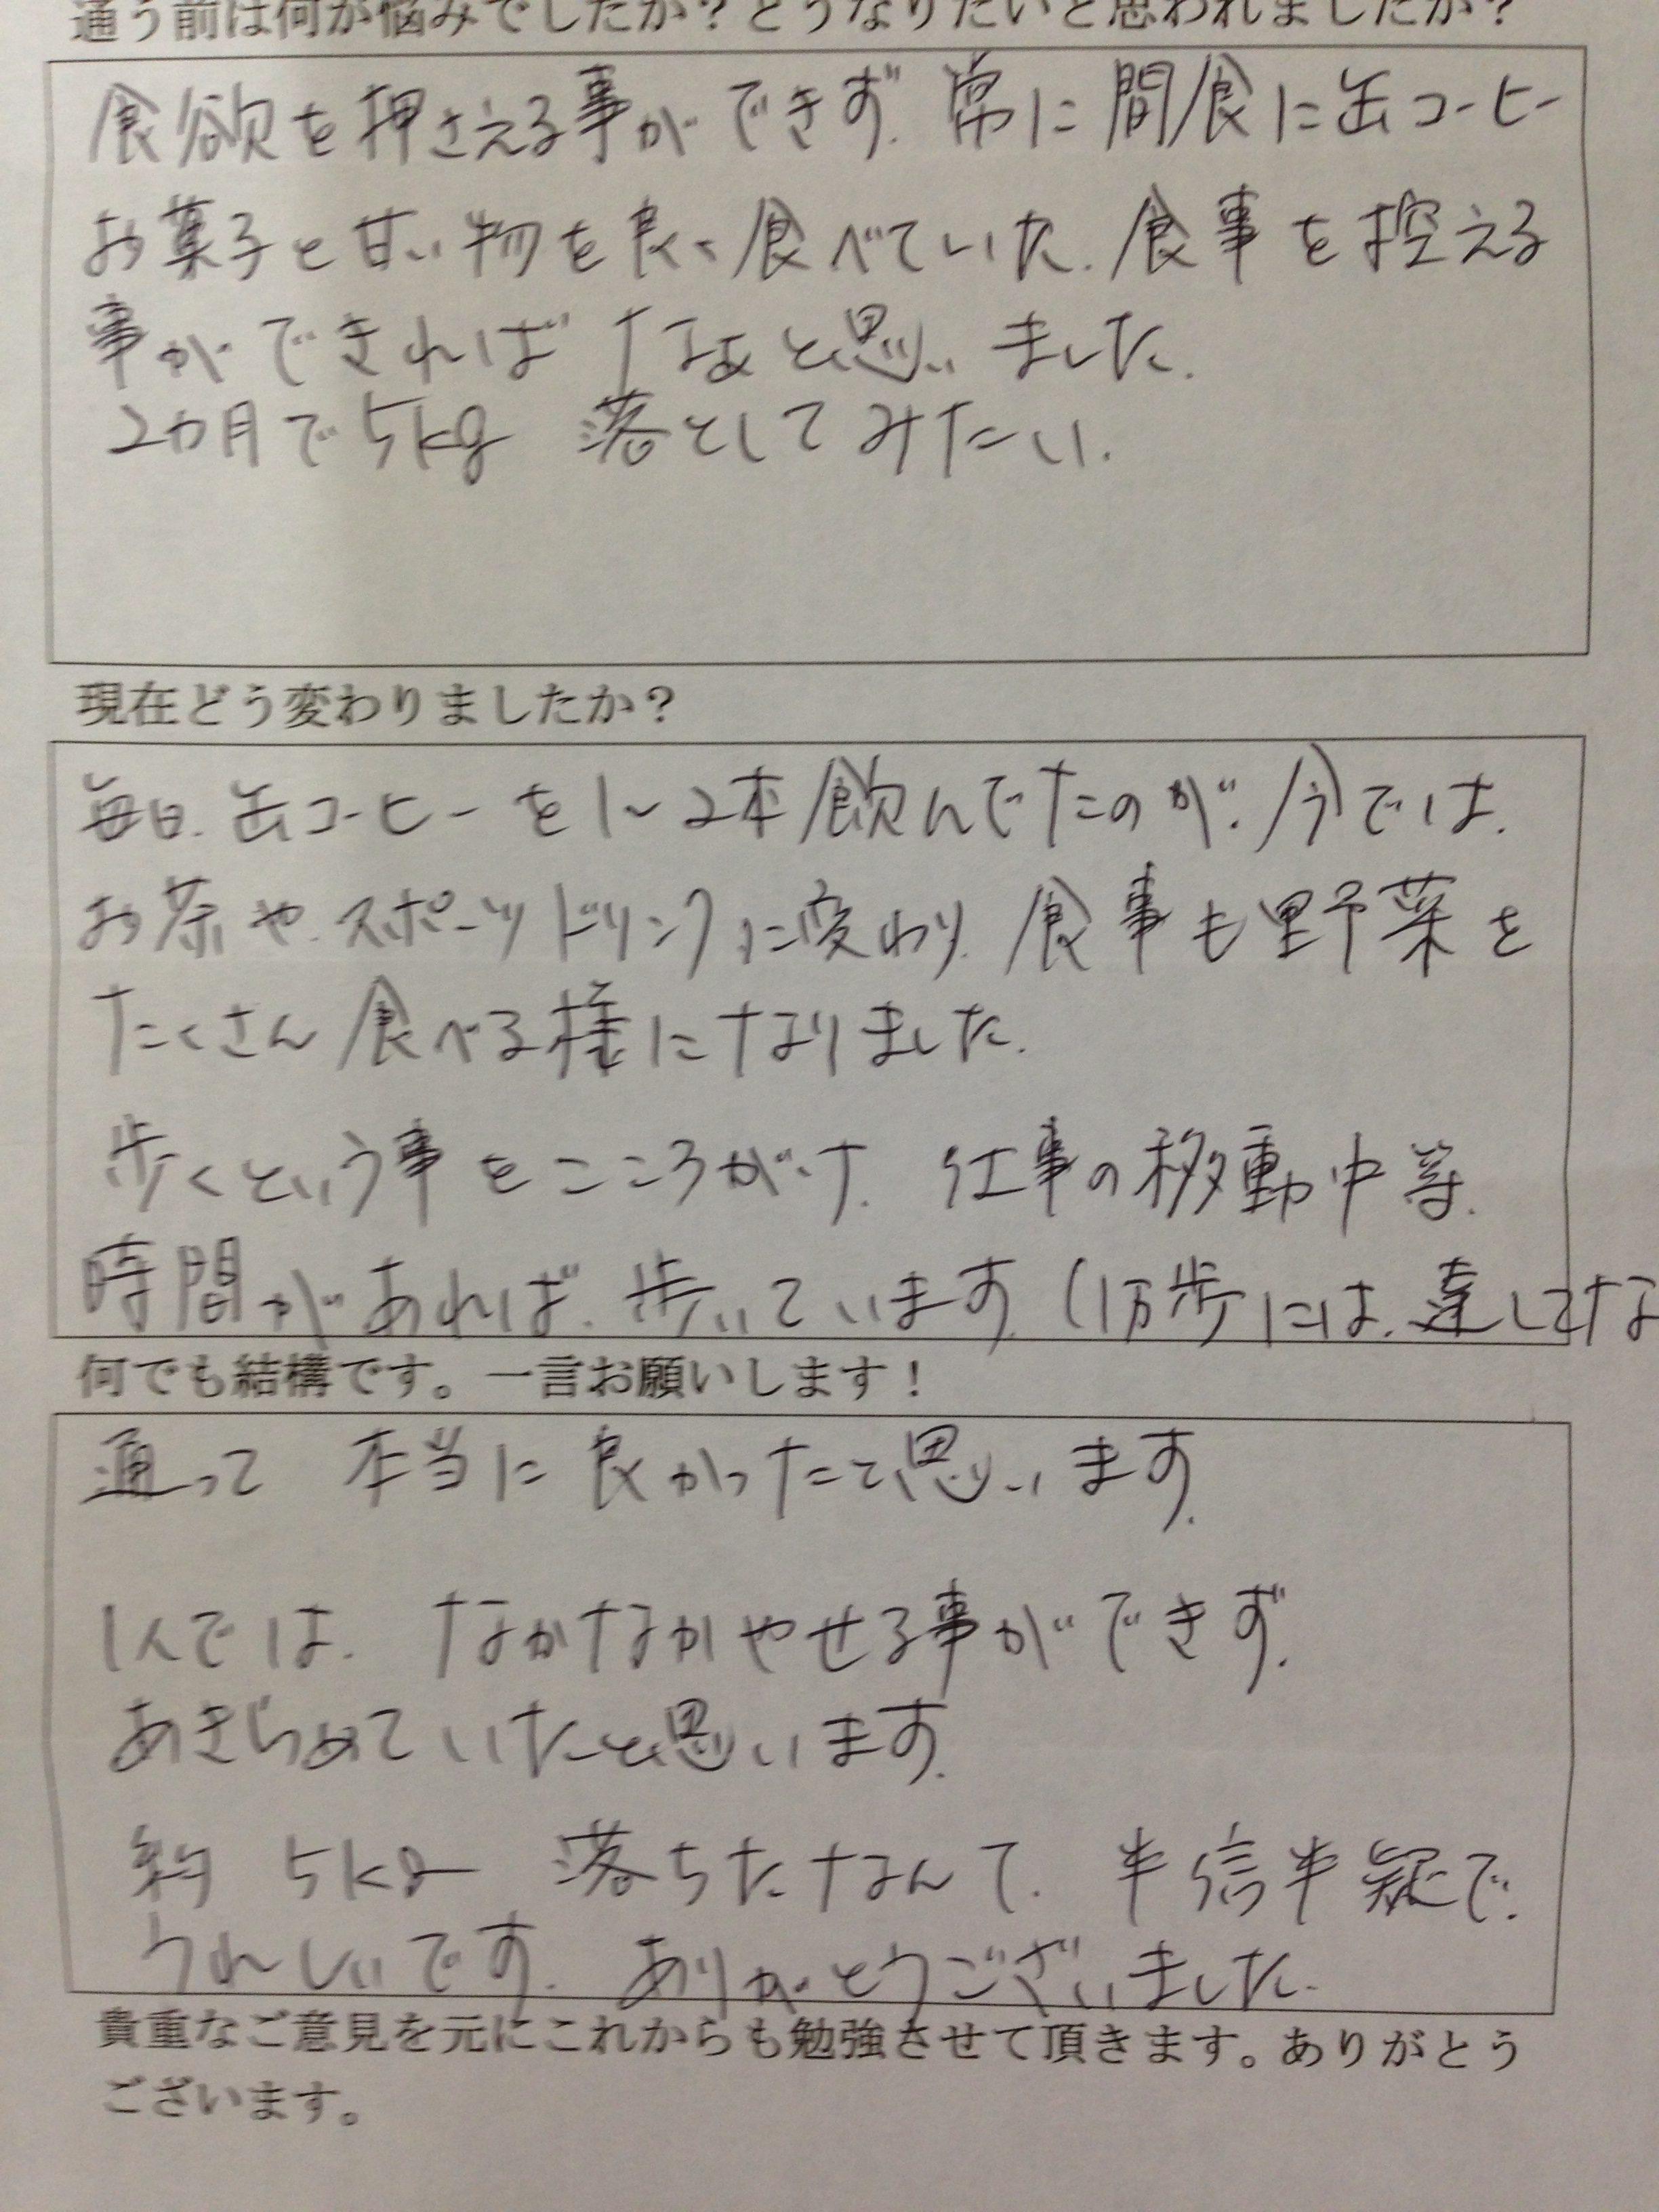 大阪市平野区Yさん48才 耳ツボダイエットでー5kg成功